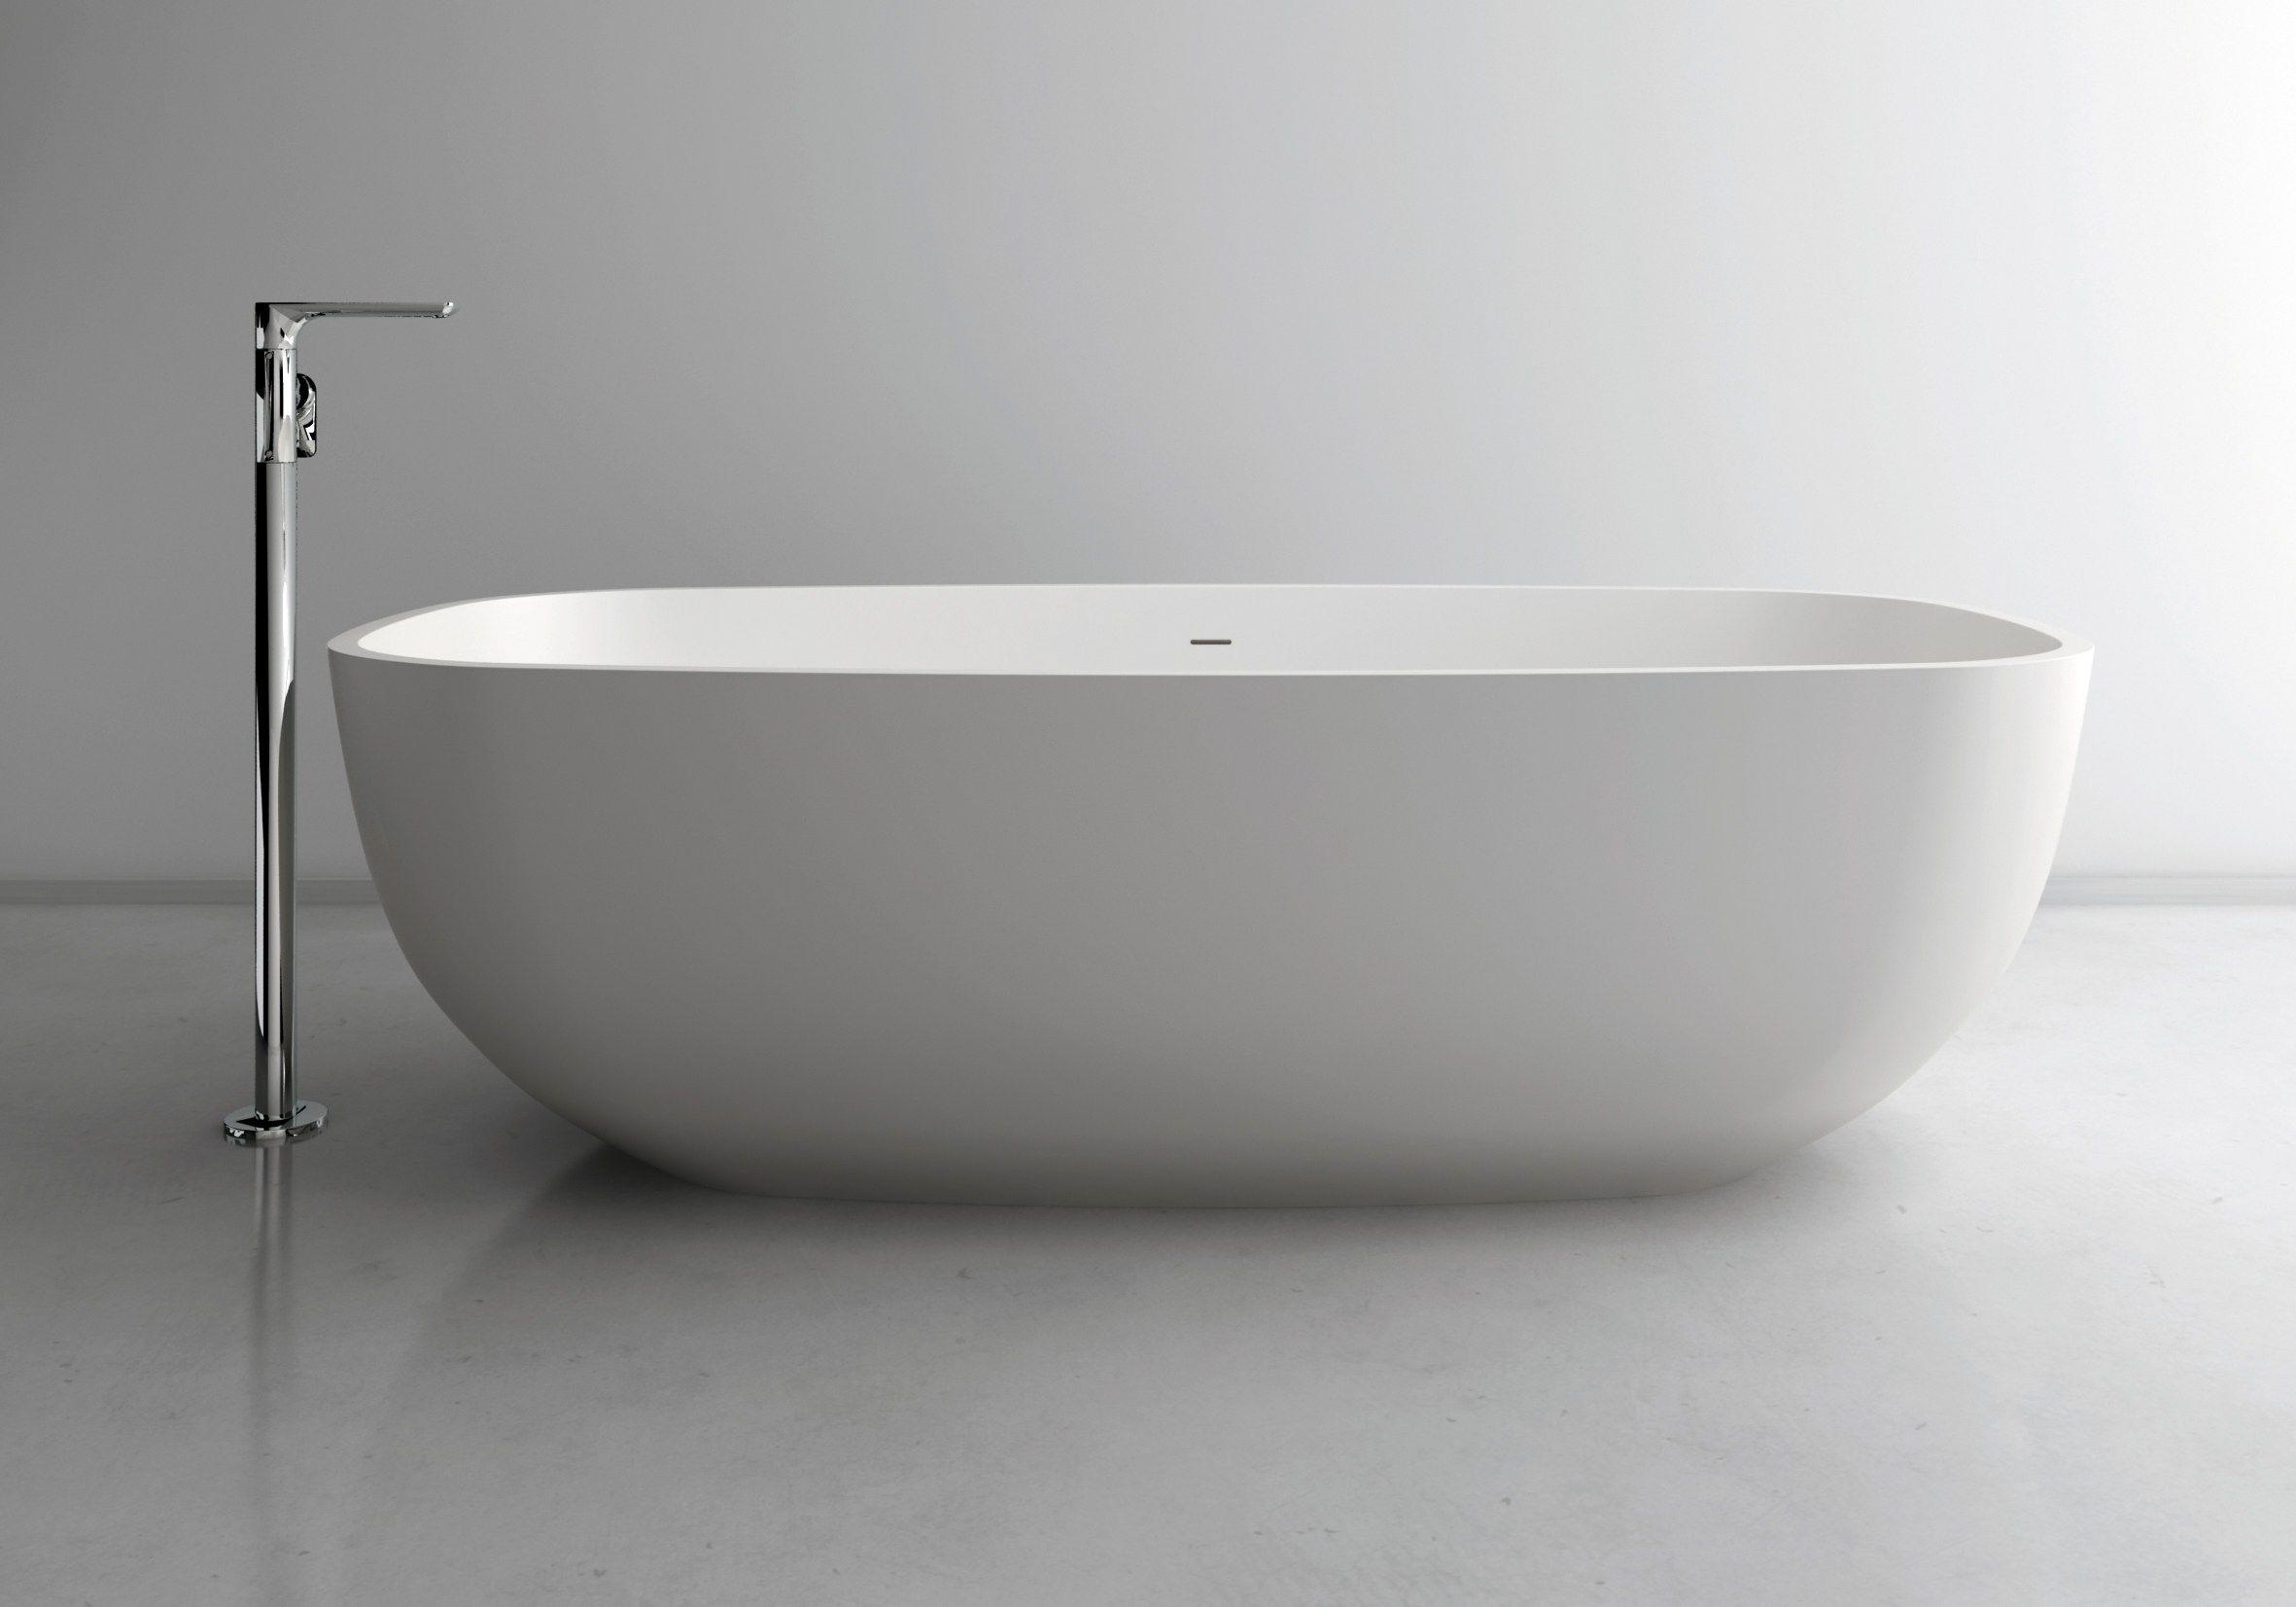 vasche da bagno design moderno - Cerca con Google | costa di pino ...